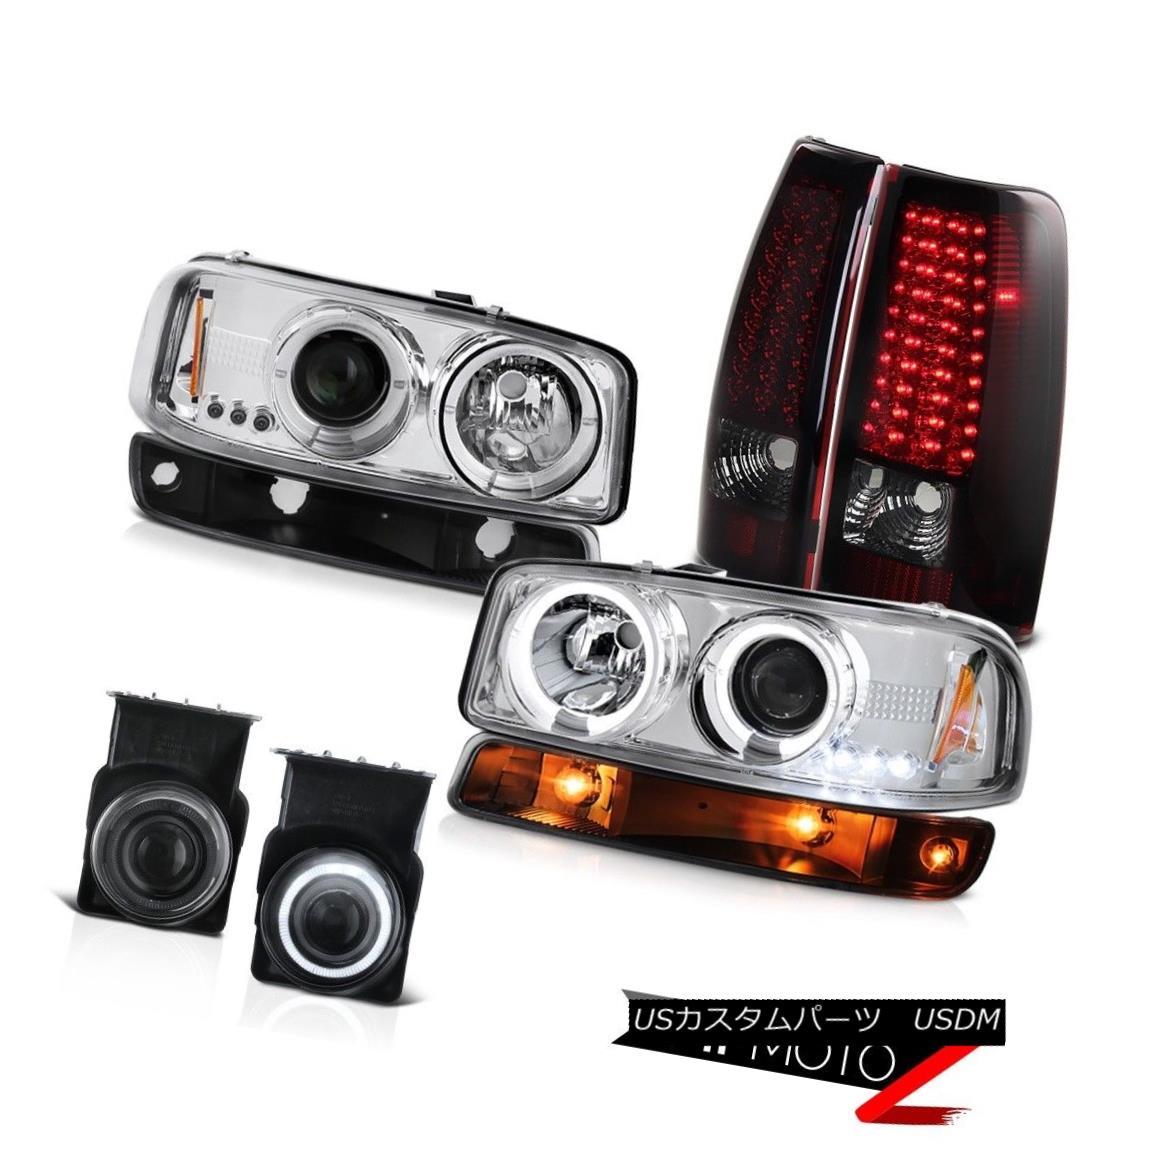 テールライト 03-06 Sierra 6.0L Foglights rosso burgundy smd taillamps signal lamp headlights 03-06 Sierra 6.0L Foglightsローソバーガンディsmdテールライトシグナルランプヘッドライト